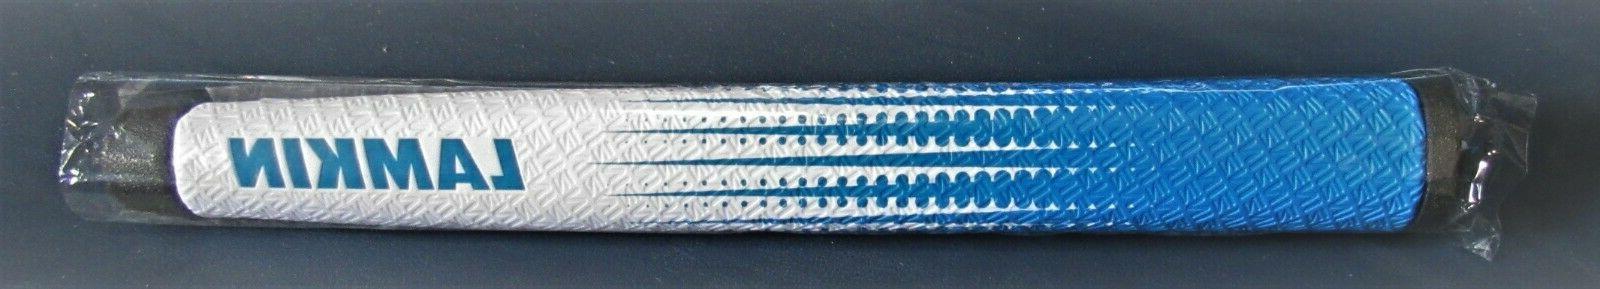 sink hd putter grip blue white choice